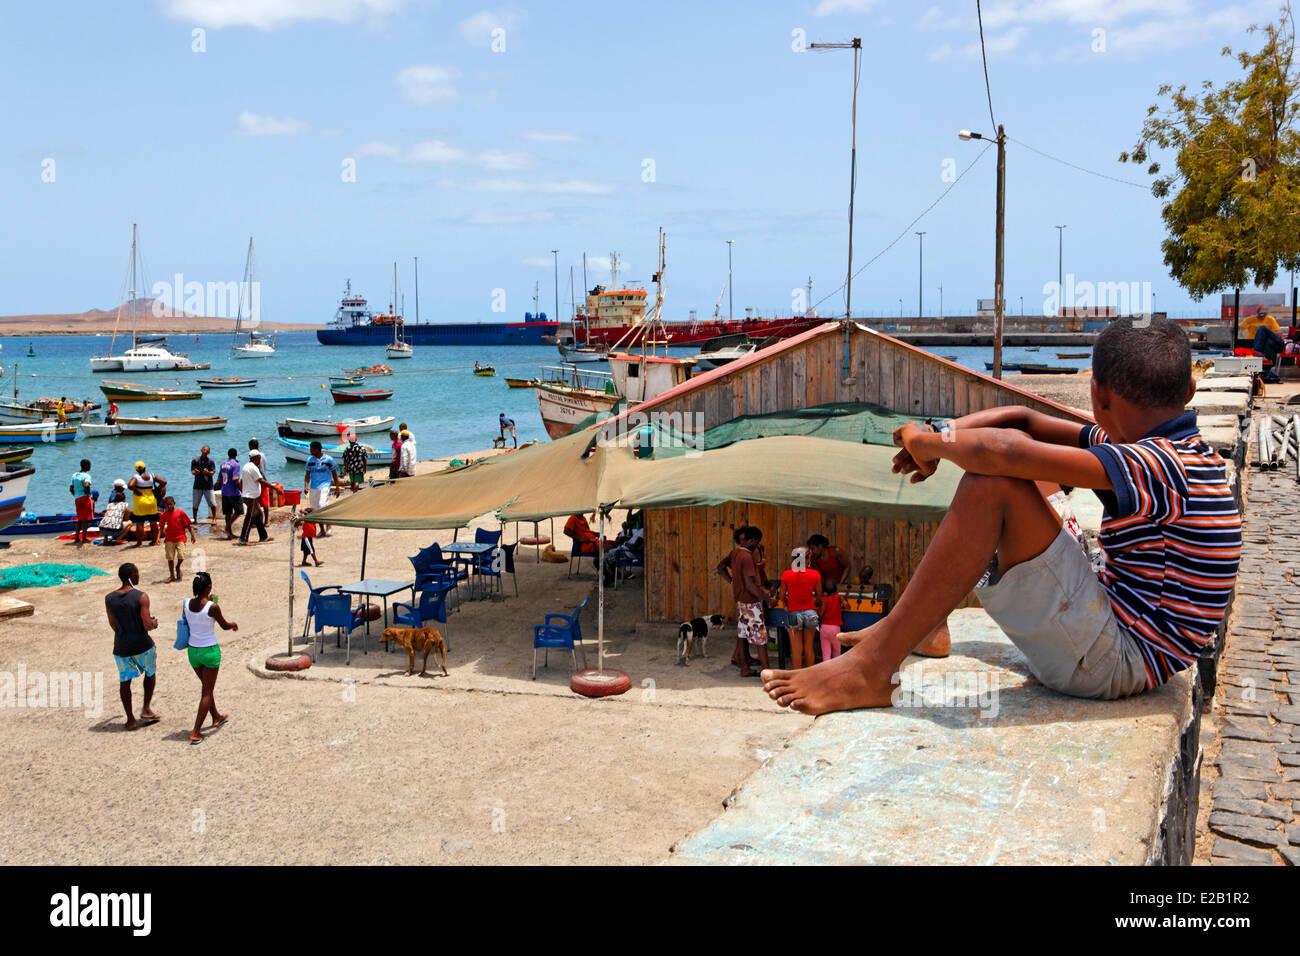 Cabo Verde, Sal, Palmeira, fishmarket Imagen De Stock